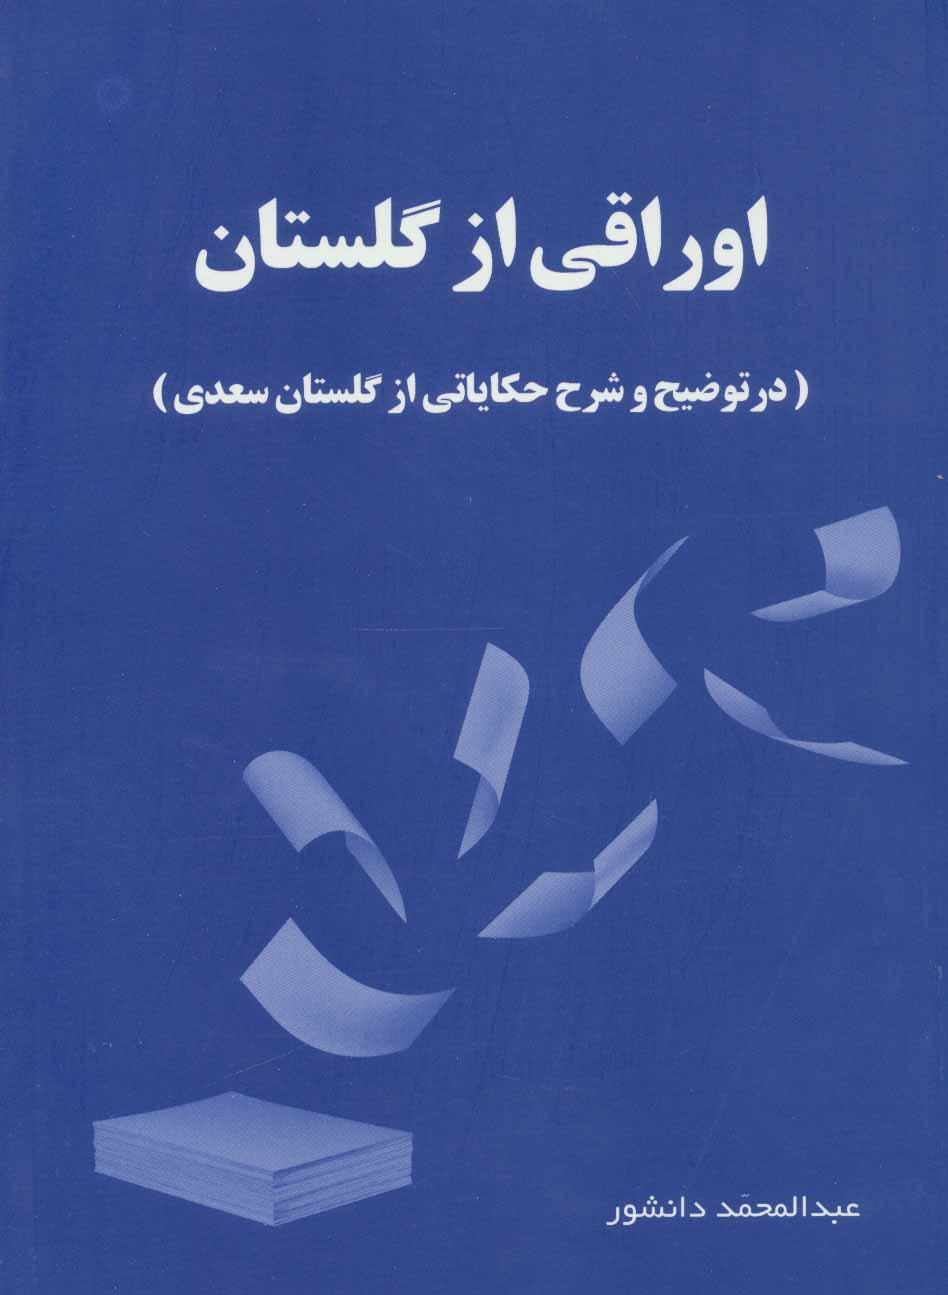 اوراقی از گلستان (در توضیح و شرح حکایاتی از گلستان سعدی)